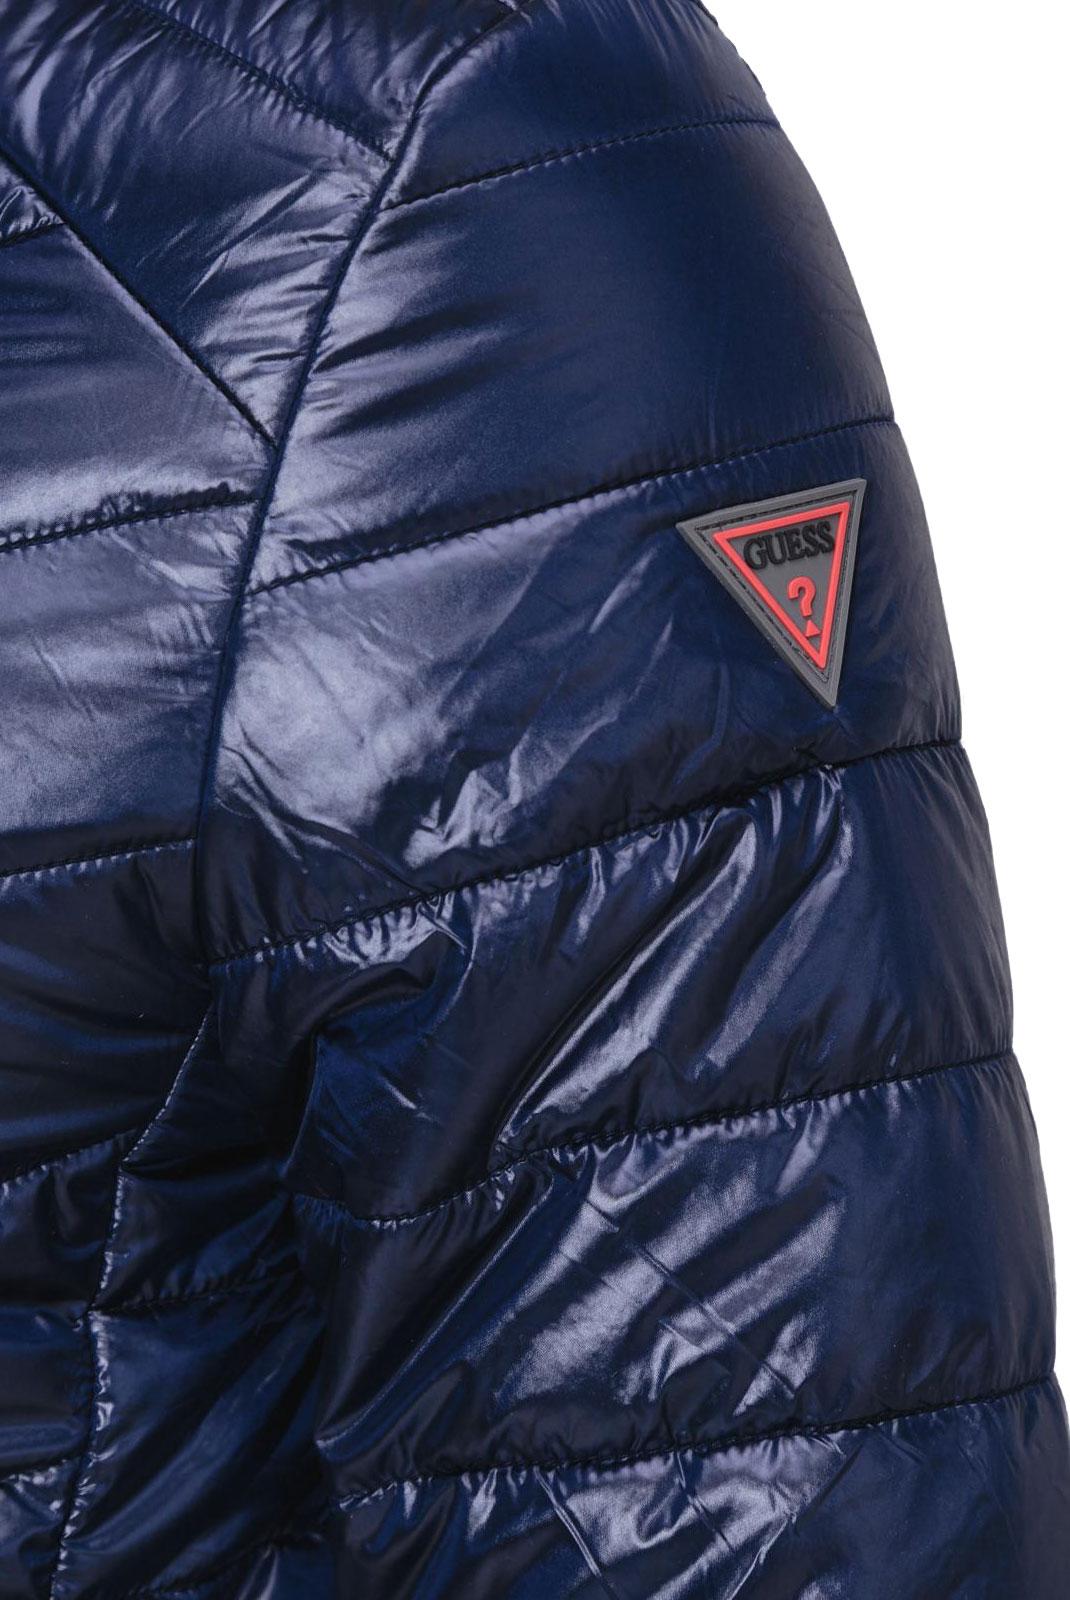 Blousons / doudounes  Guess jeans M91L24WB0M0 BLUE NAVY